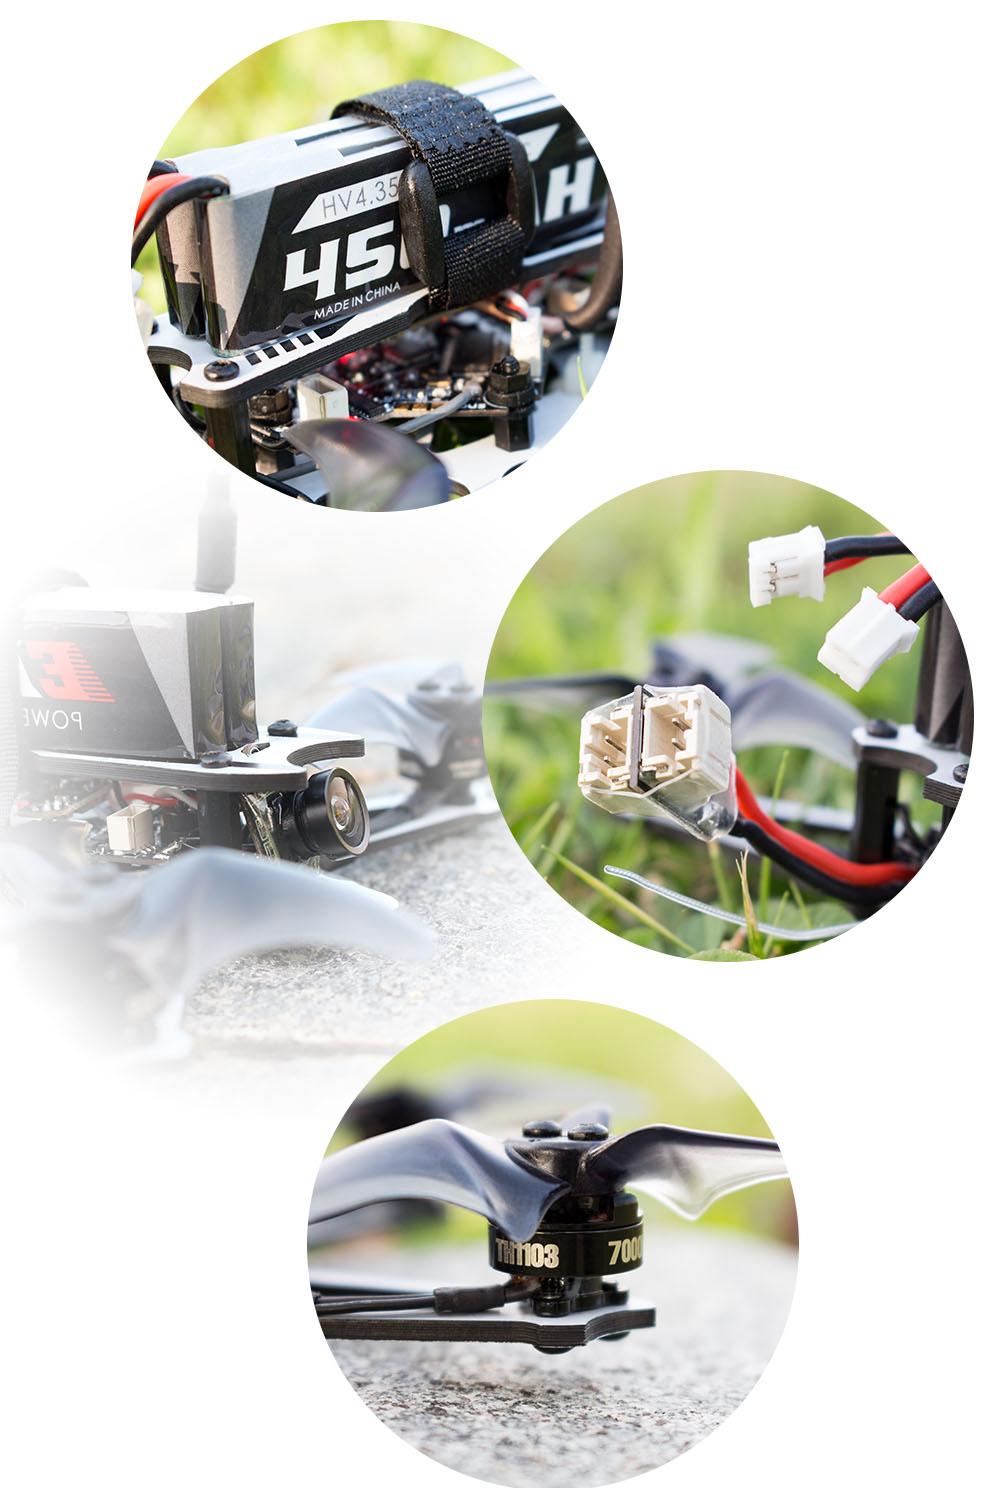 EMAX Tinyhawk - квадрокоптер для фристайла